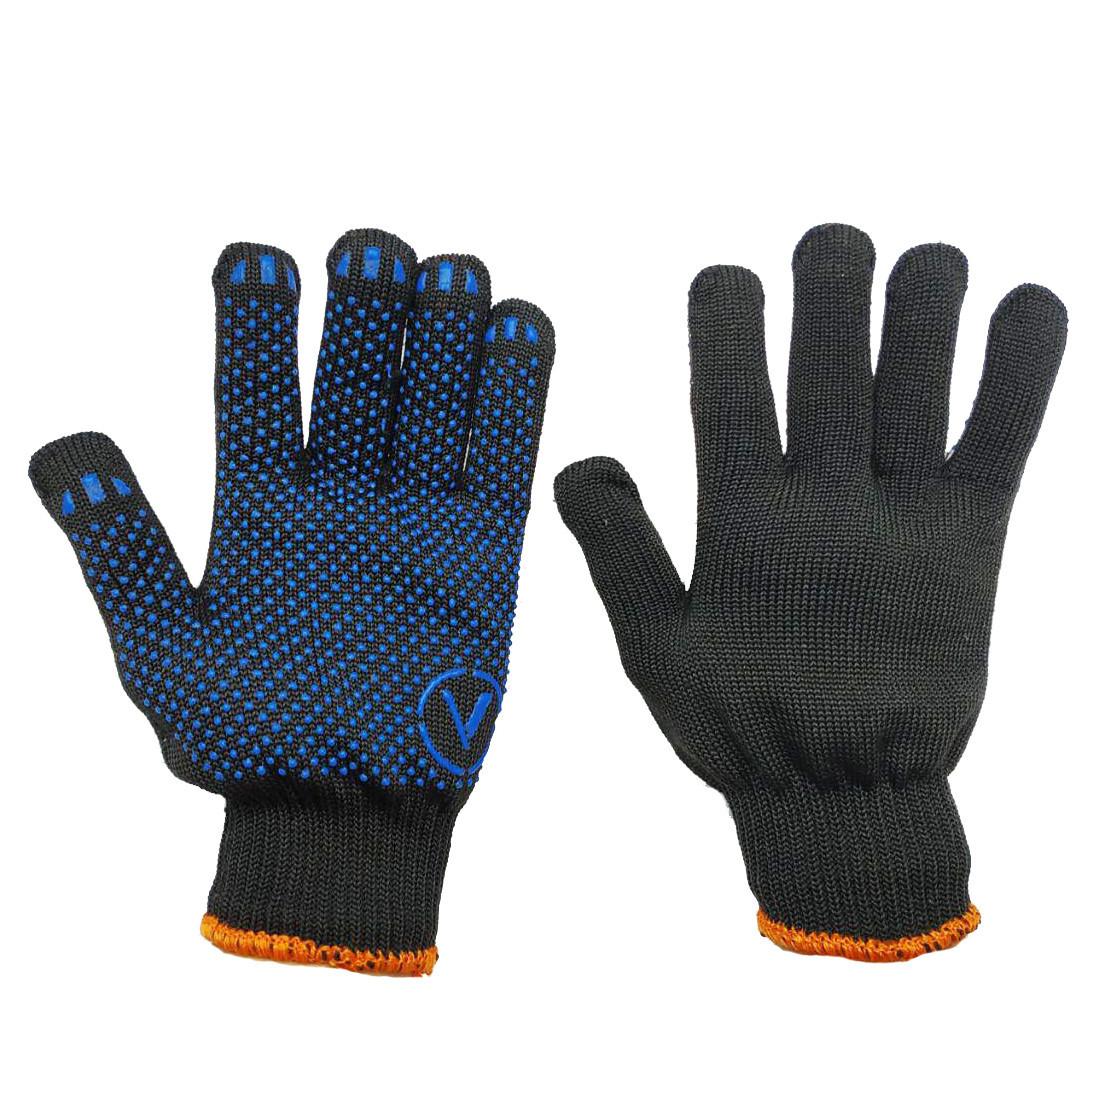 Картинки по запросу перчатки рабочие с ПВХ в использовании